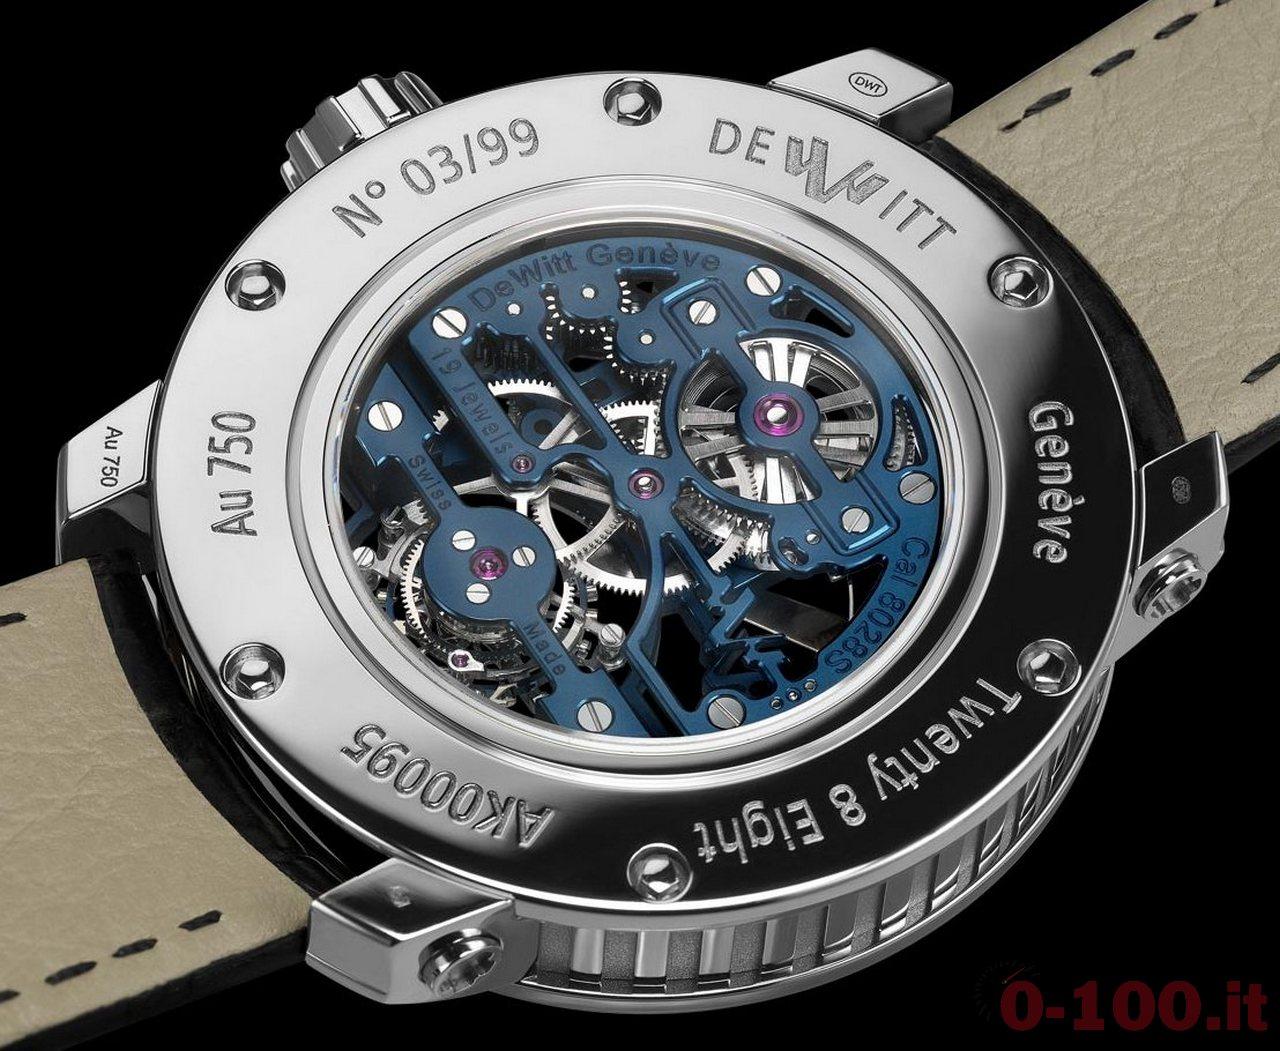 dewitt-twenty-8-eight-skeleton-tourbillon-blue-pvd-ref-t8-th-024-prezzo-price_0-1003